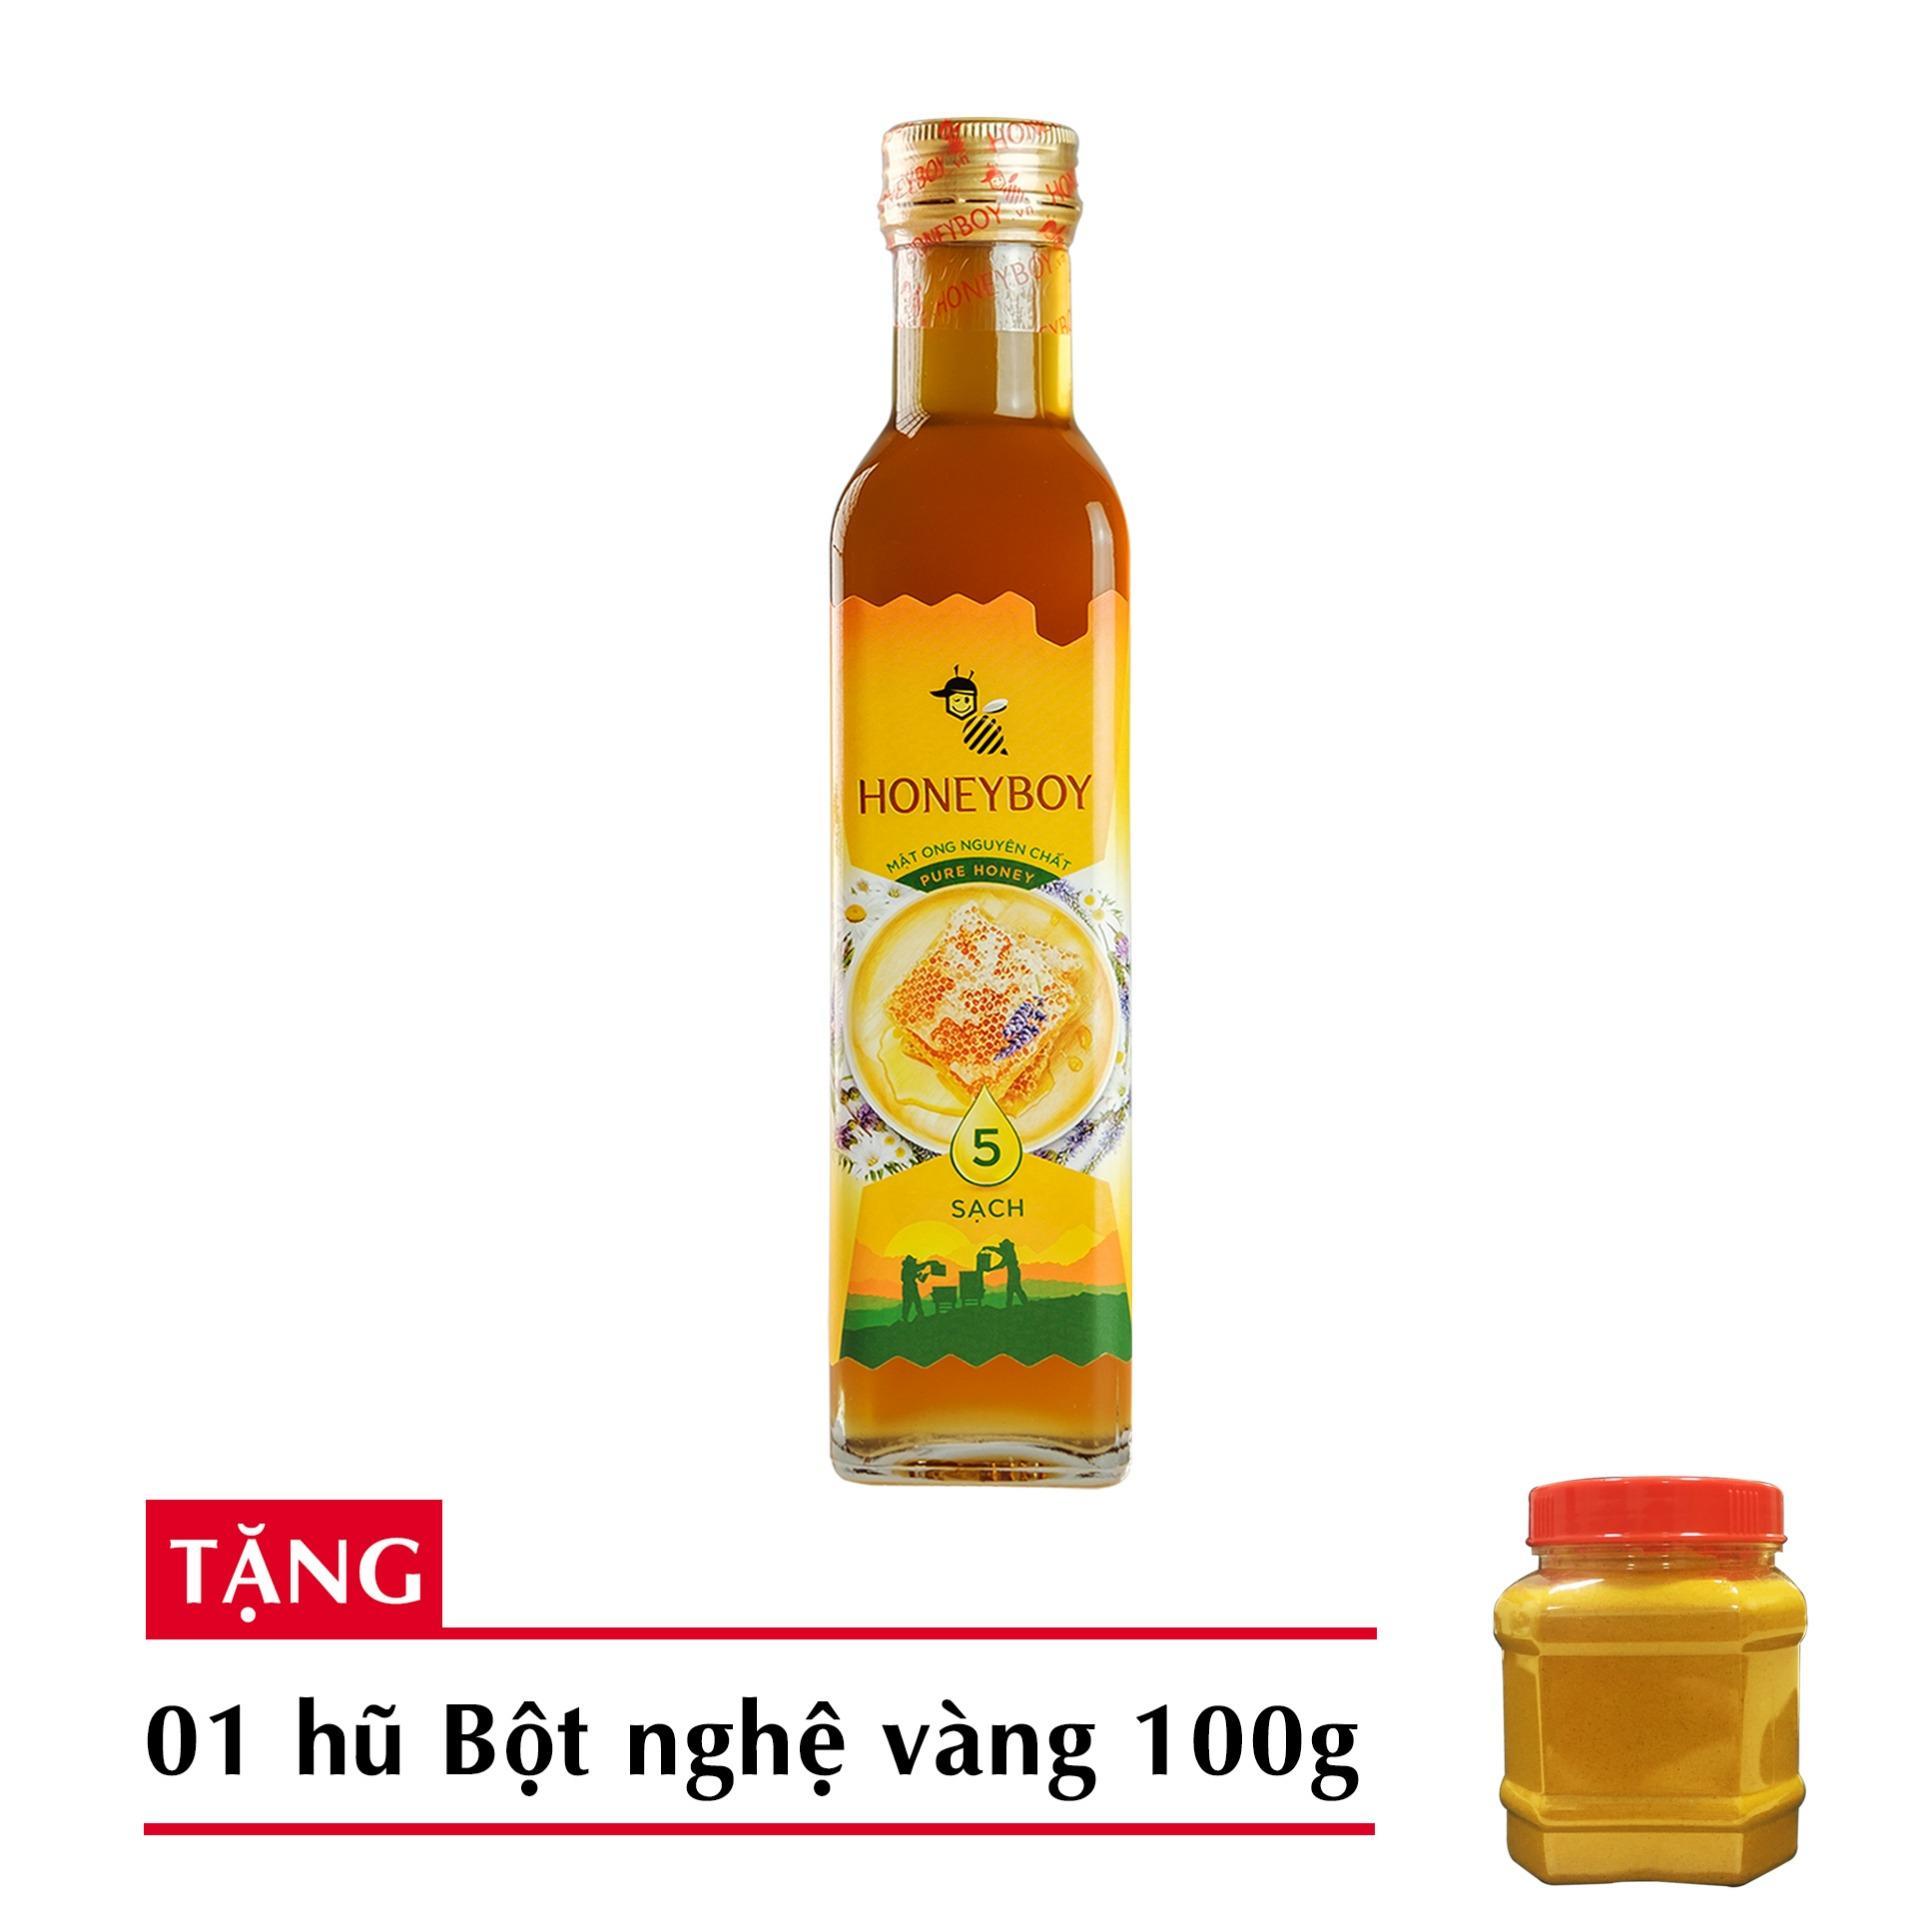 Mật Ong Thiên Nhiên 5 Sạch Honeyboy 250ml tặng bột nghệ vàng nguyên chất 100g